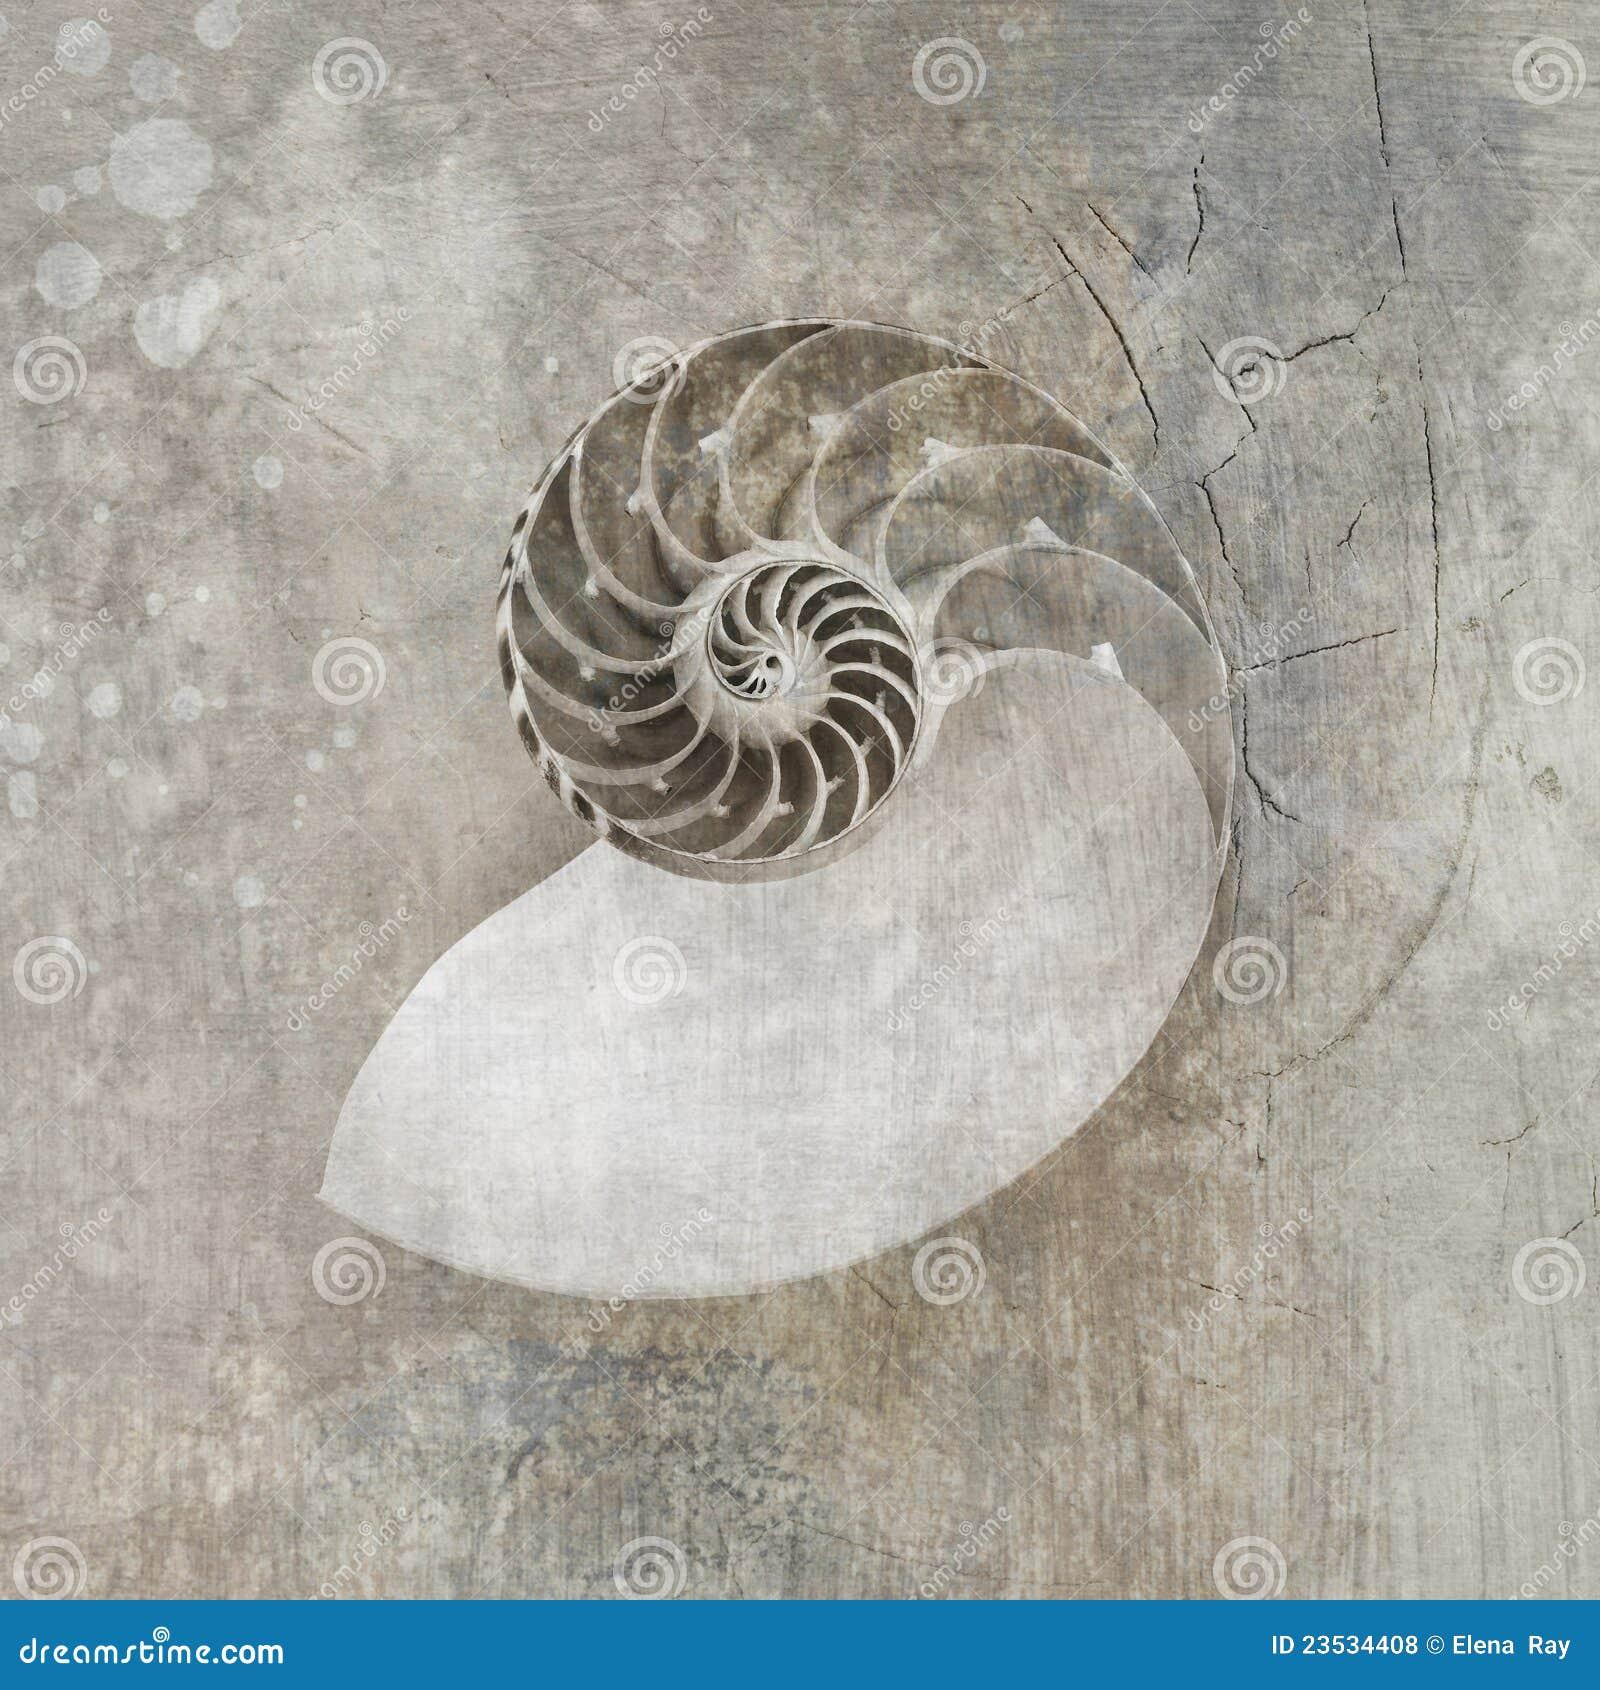 NautilusSeashell